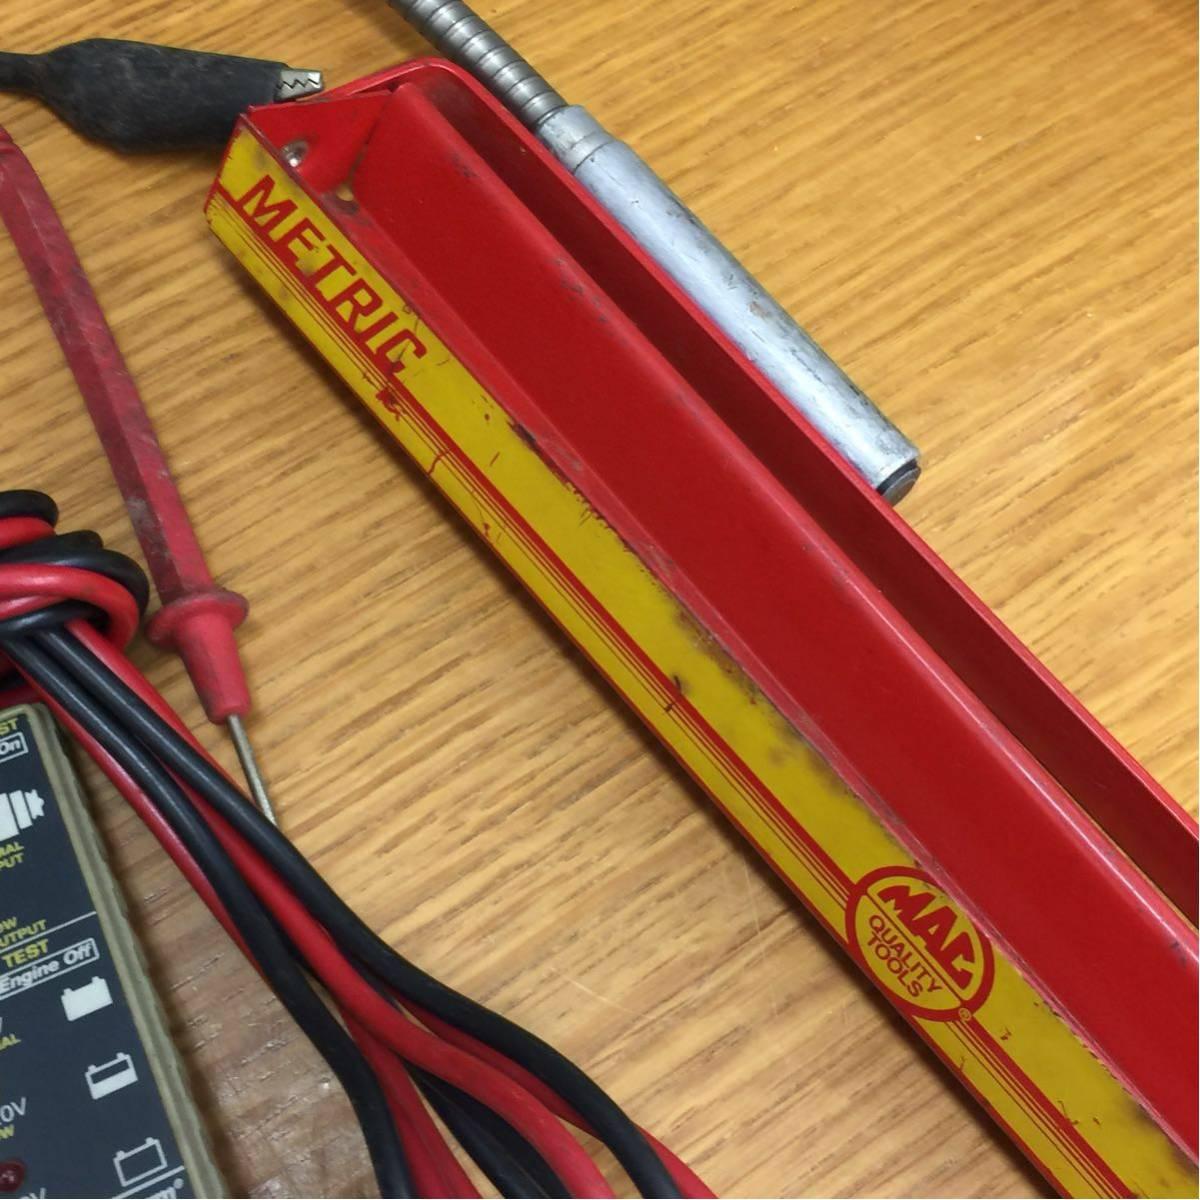 ☆工具 自動車整備 大量まとめ ドライバー ラチェット ソケット はんだごて プライヤー 16.8kg Snap-on KTC Banzai MAC-Tools CRAFTSMAN 他_画像8